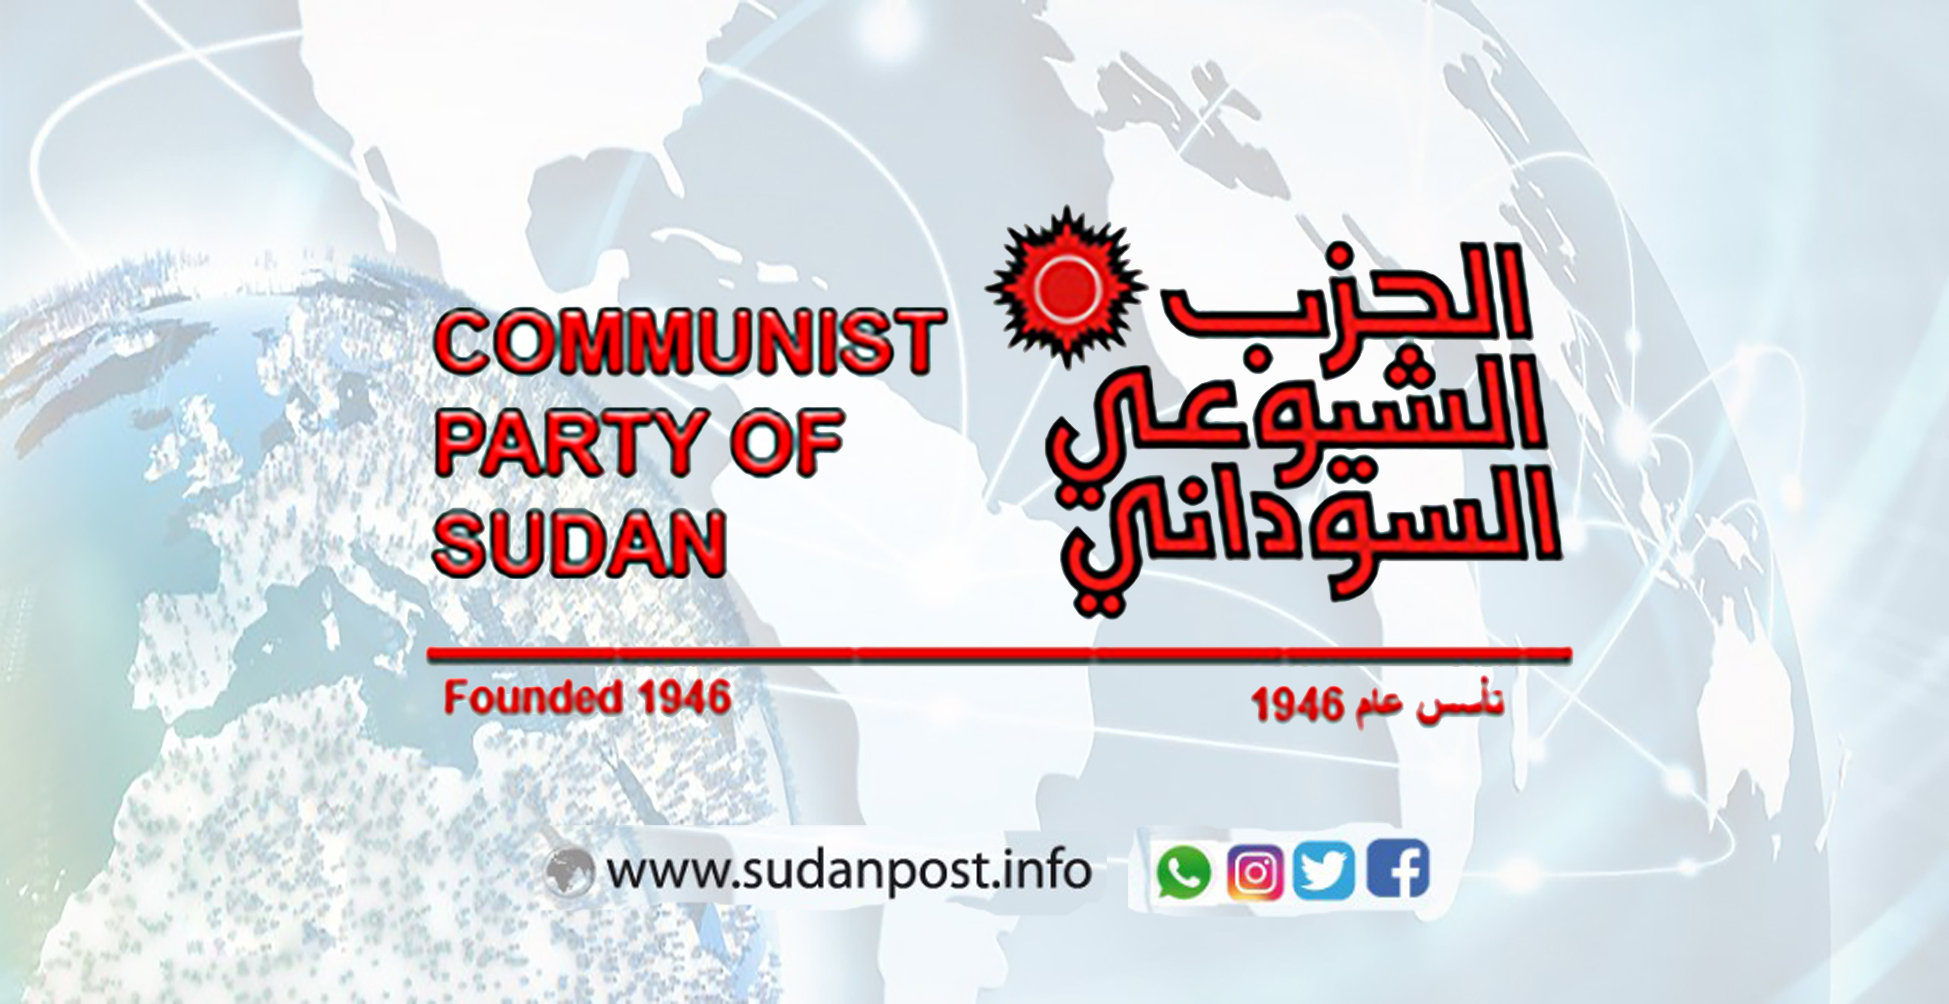 انسحاب الحزب الشيوعي: ايهما أجدى مواصلة المعارك أم الانعزال؟